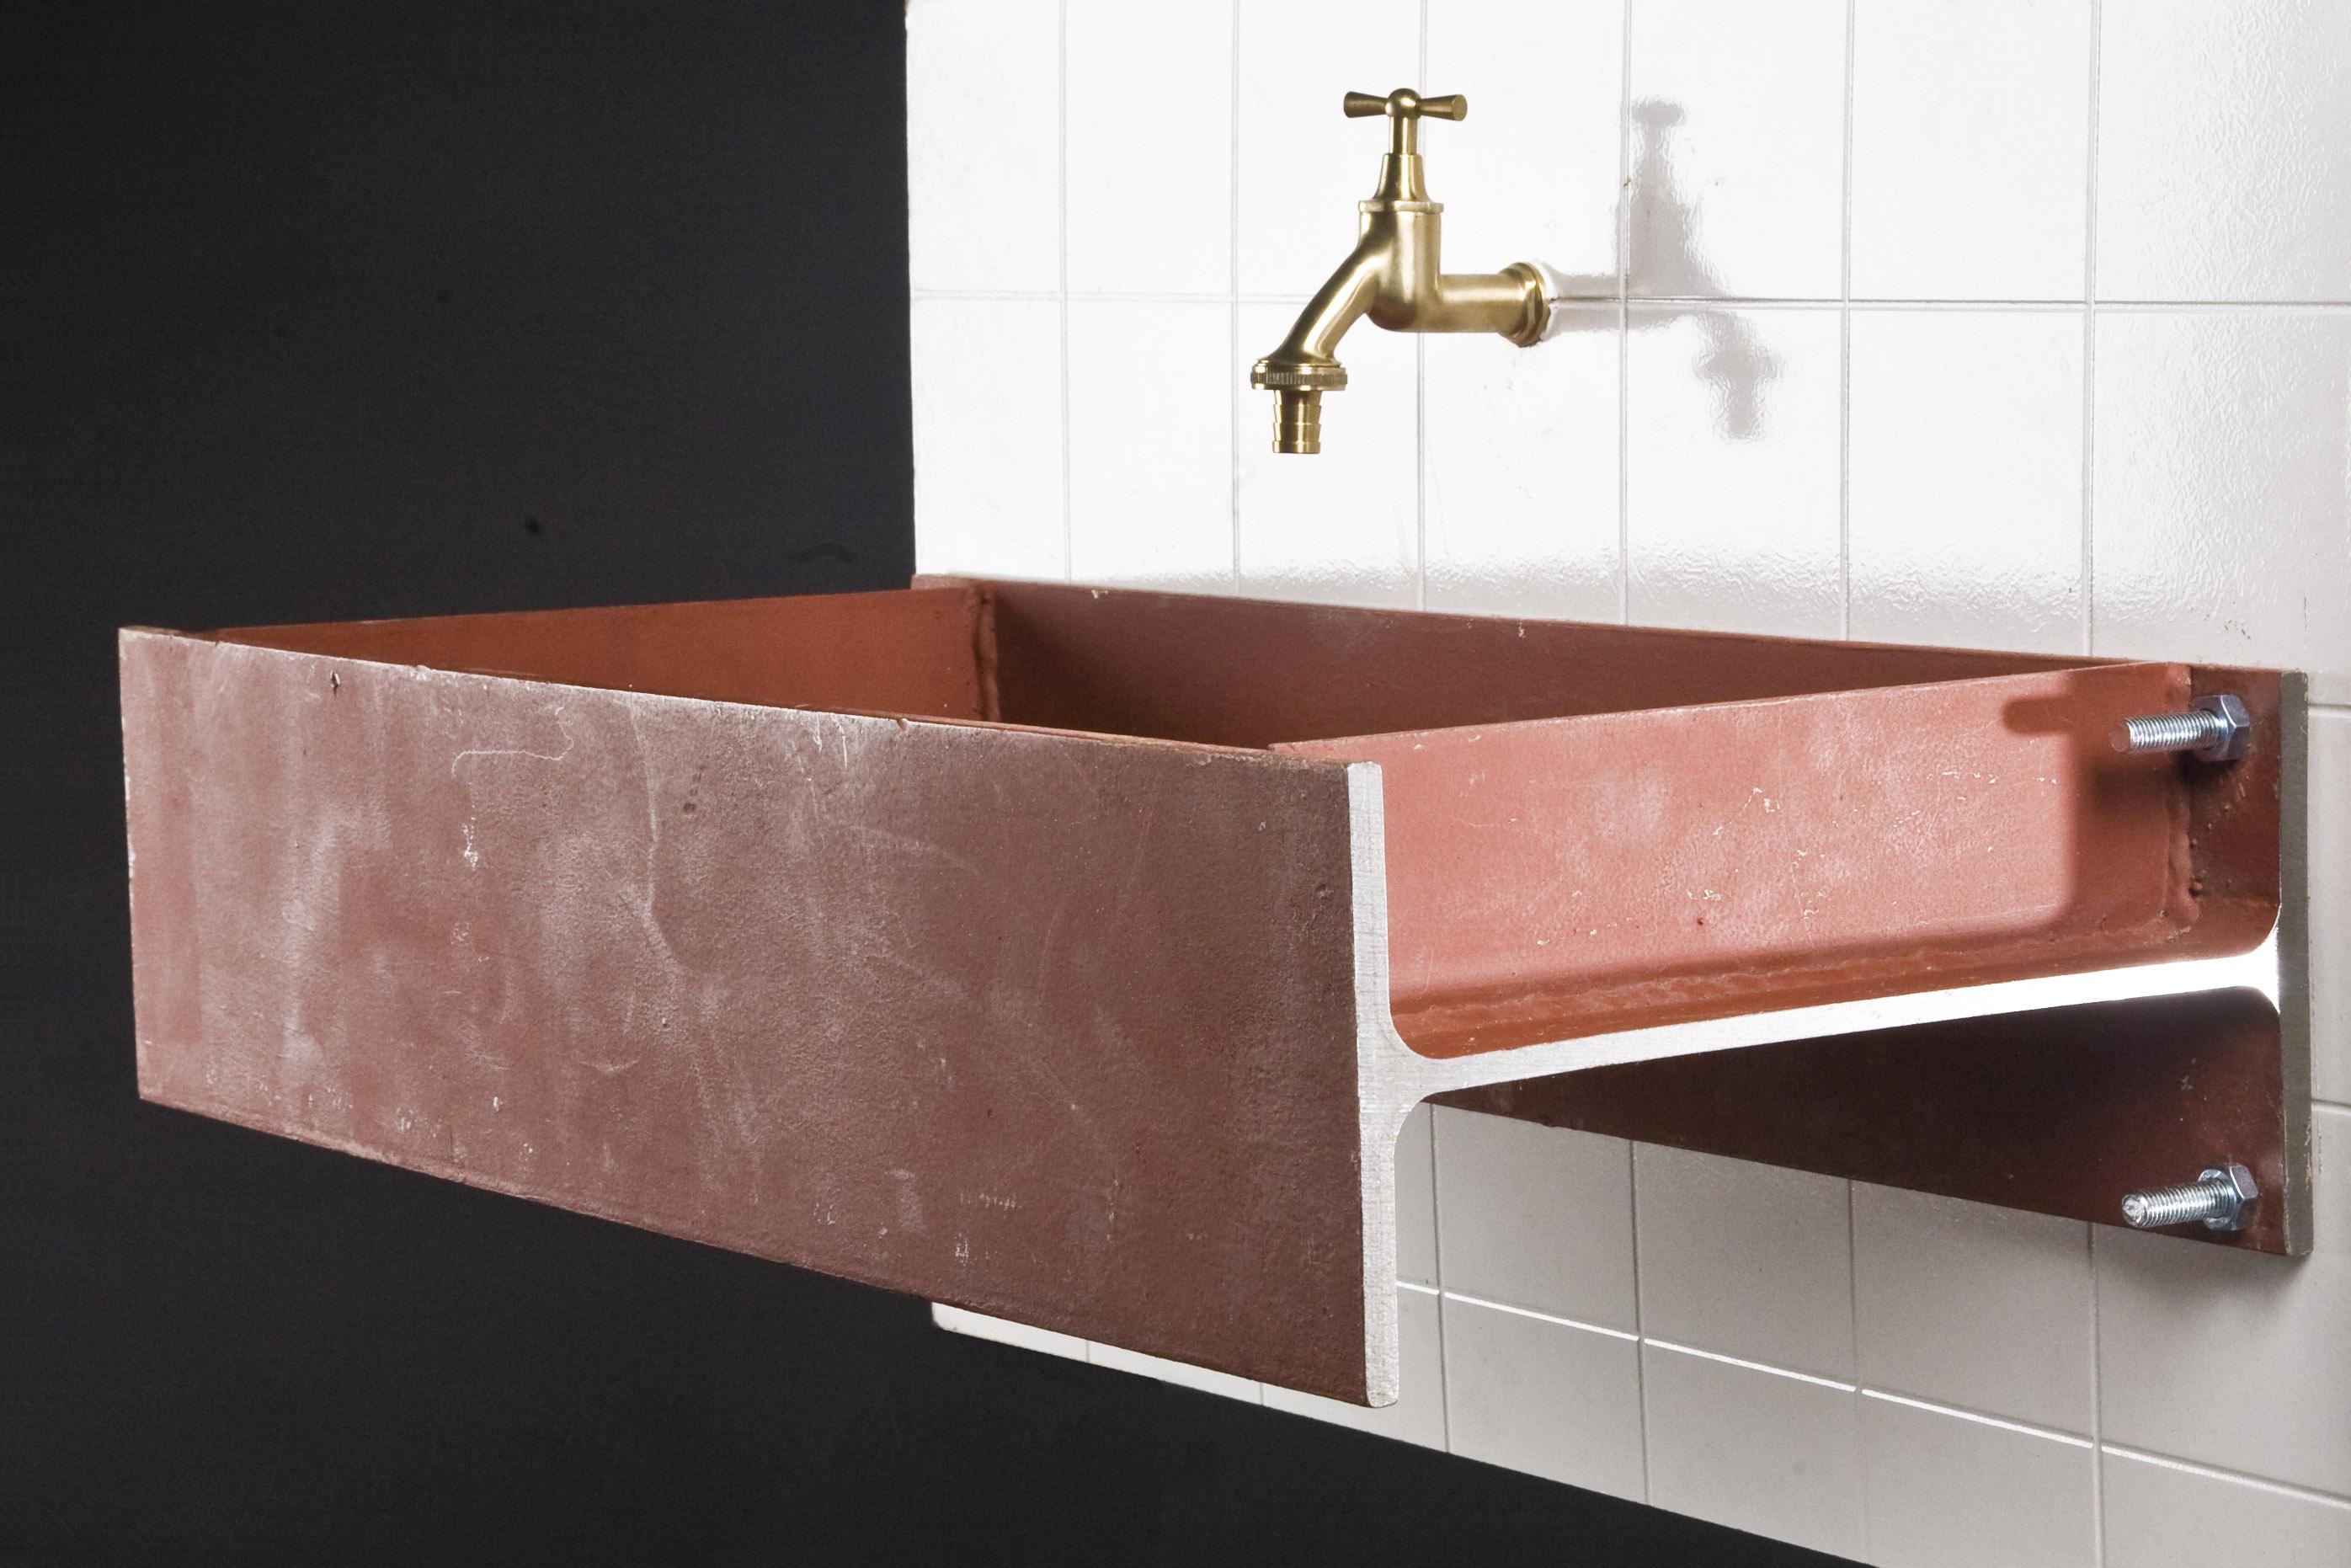 Sink 1 wasbak